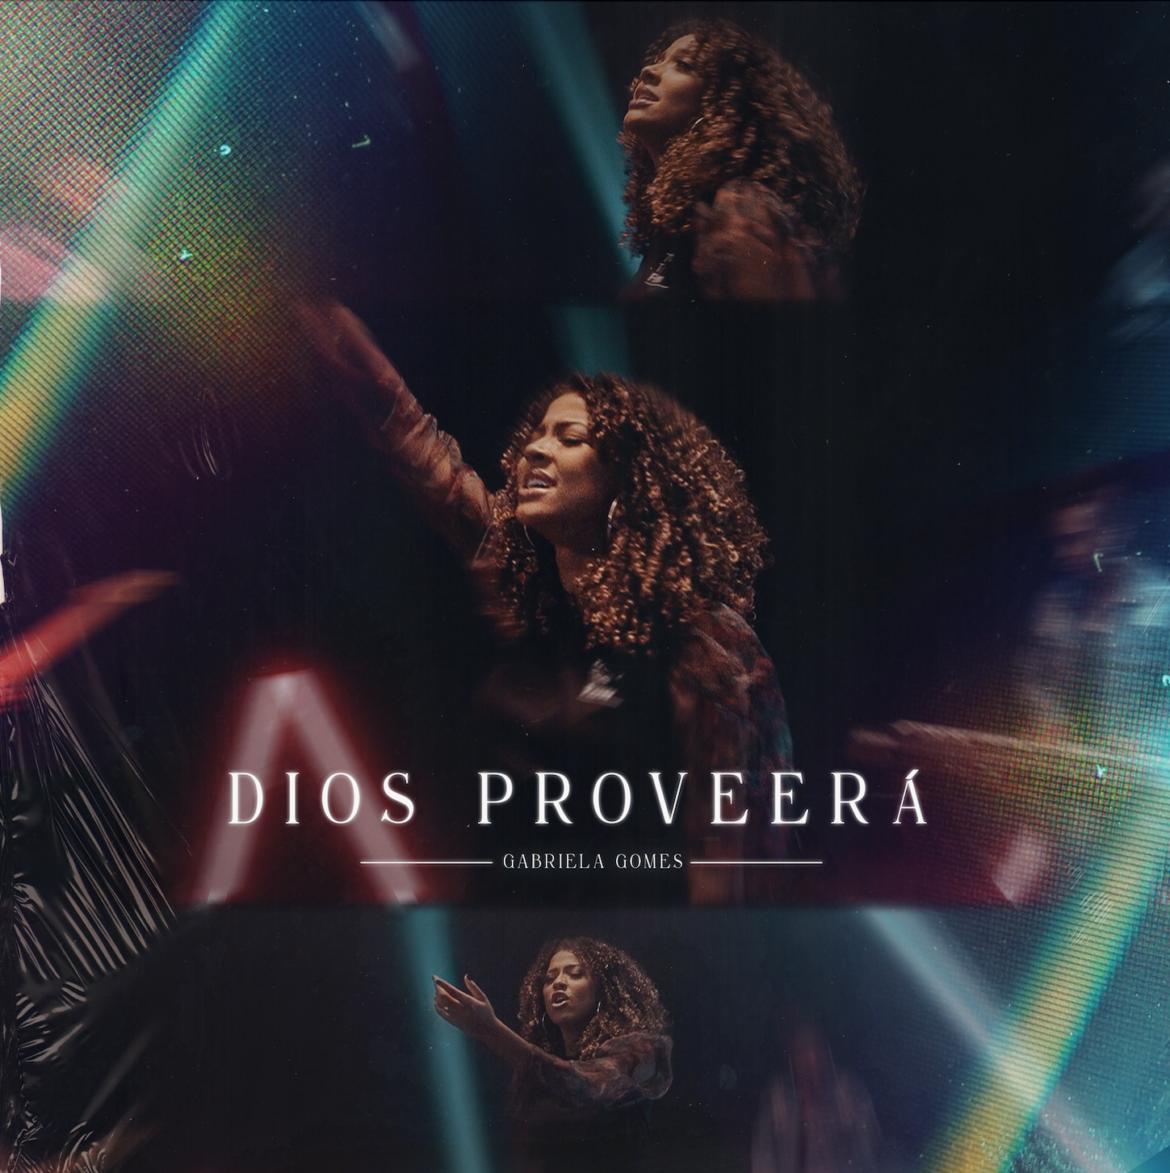 """Gabriela Gomes apresenta o vídeo de """"Dios Proveerá"""" em seu canal no YouTube"""